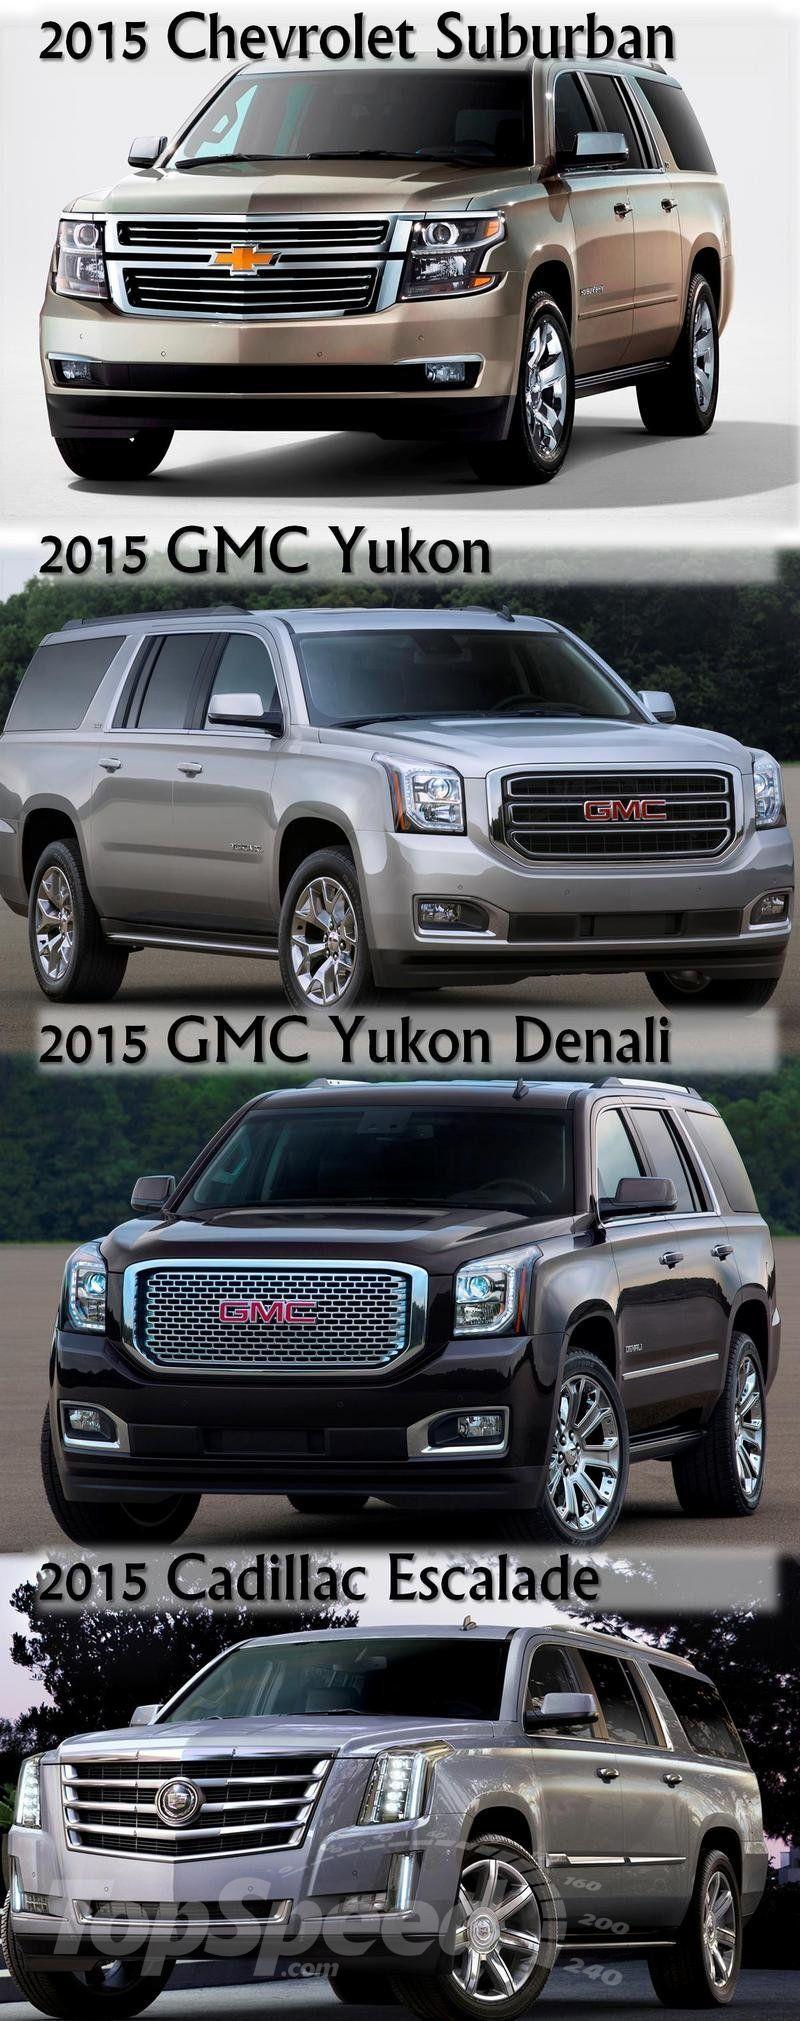 2015 gmc yukon xl picture doc527844 chevy chevrolet rvinyl http